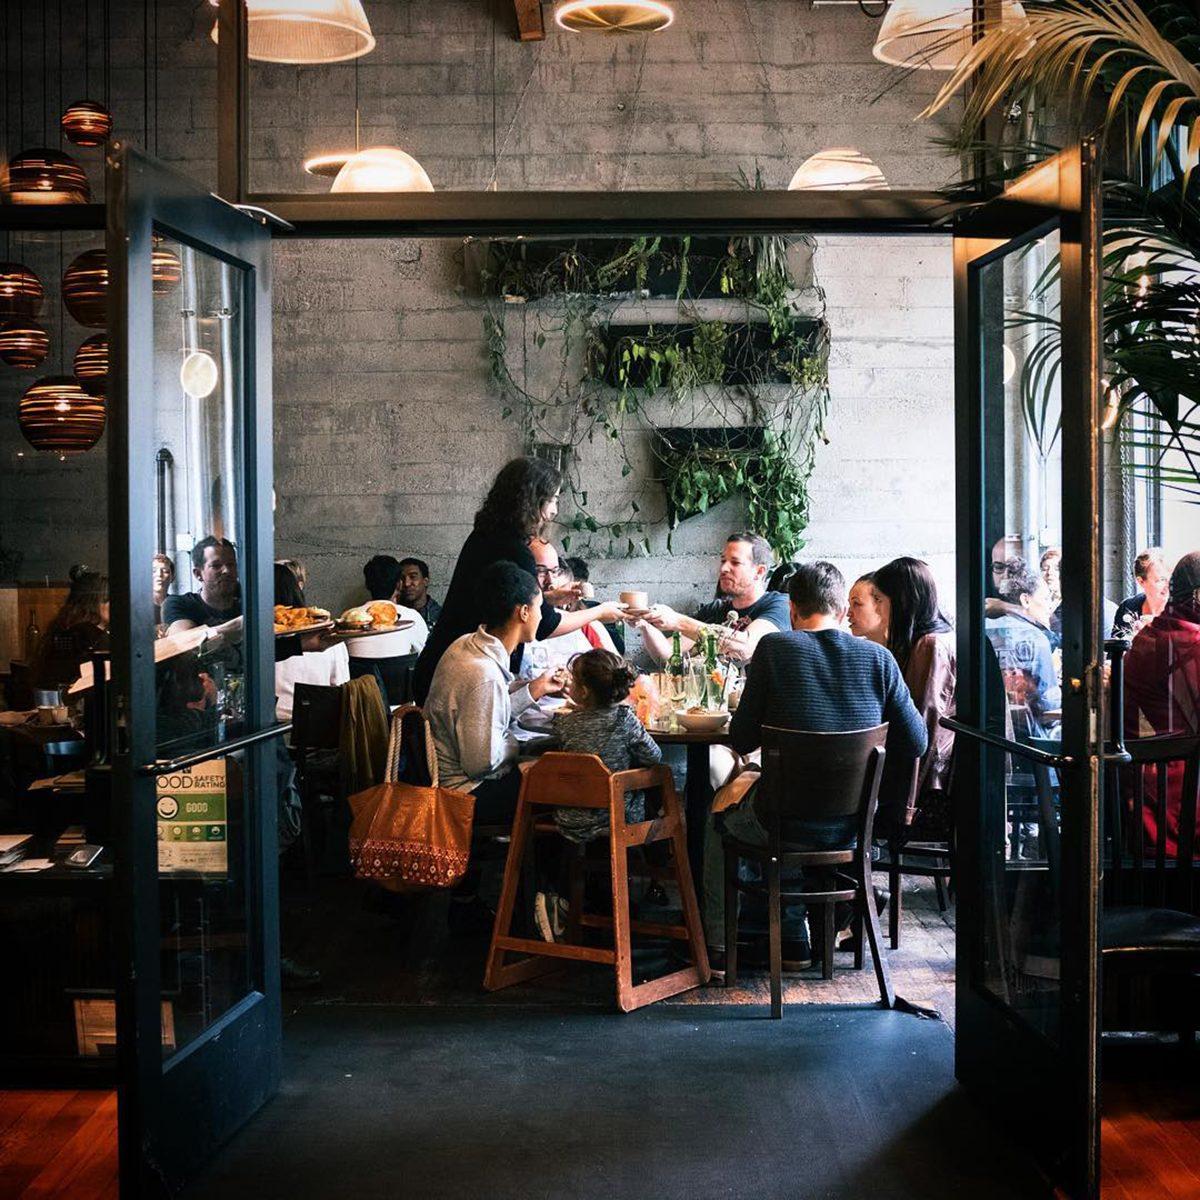 Best vegetarian restaurant in Washington Plum Bistro